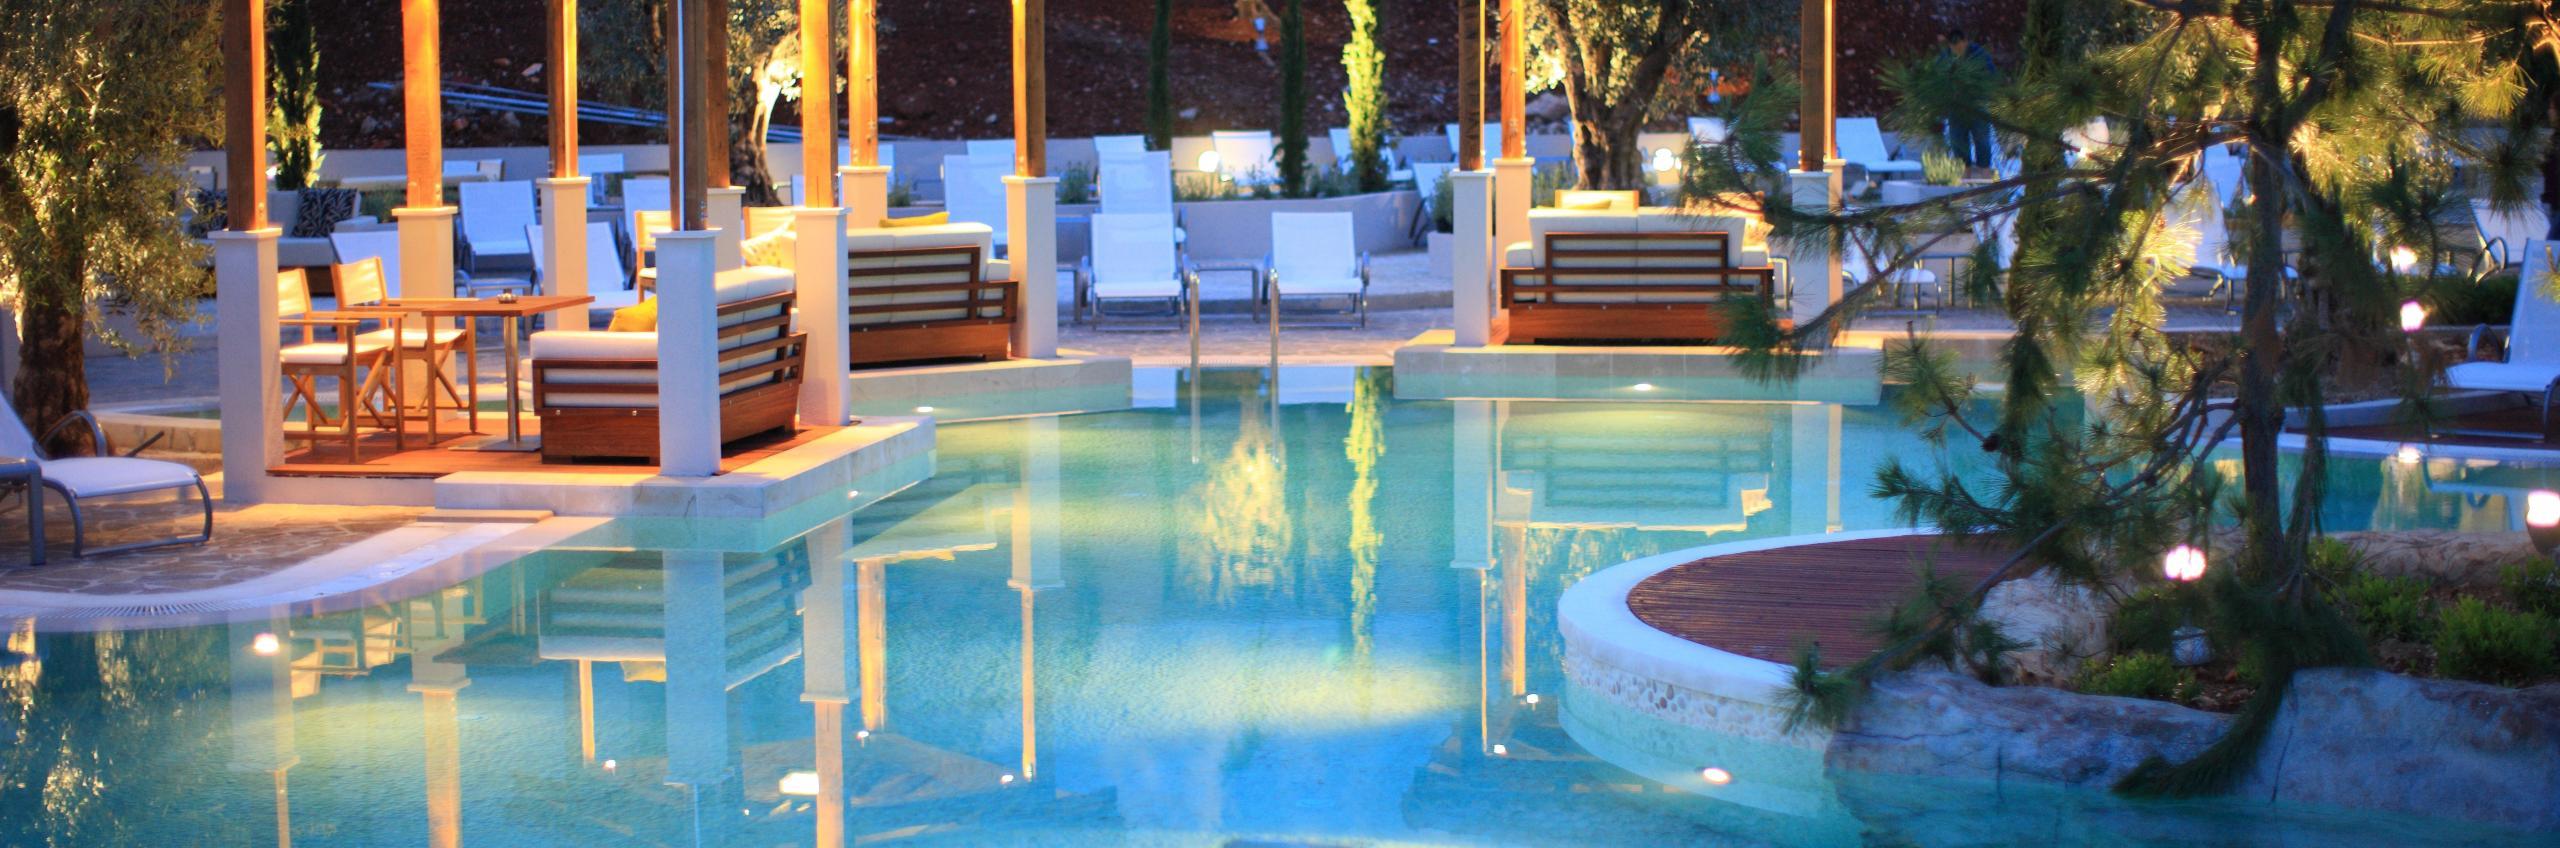 Amfora's Cascades pool